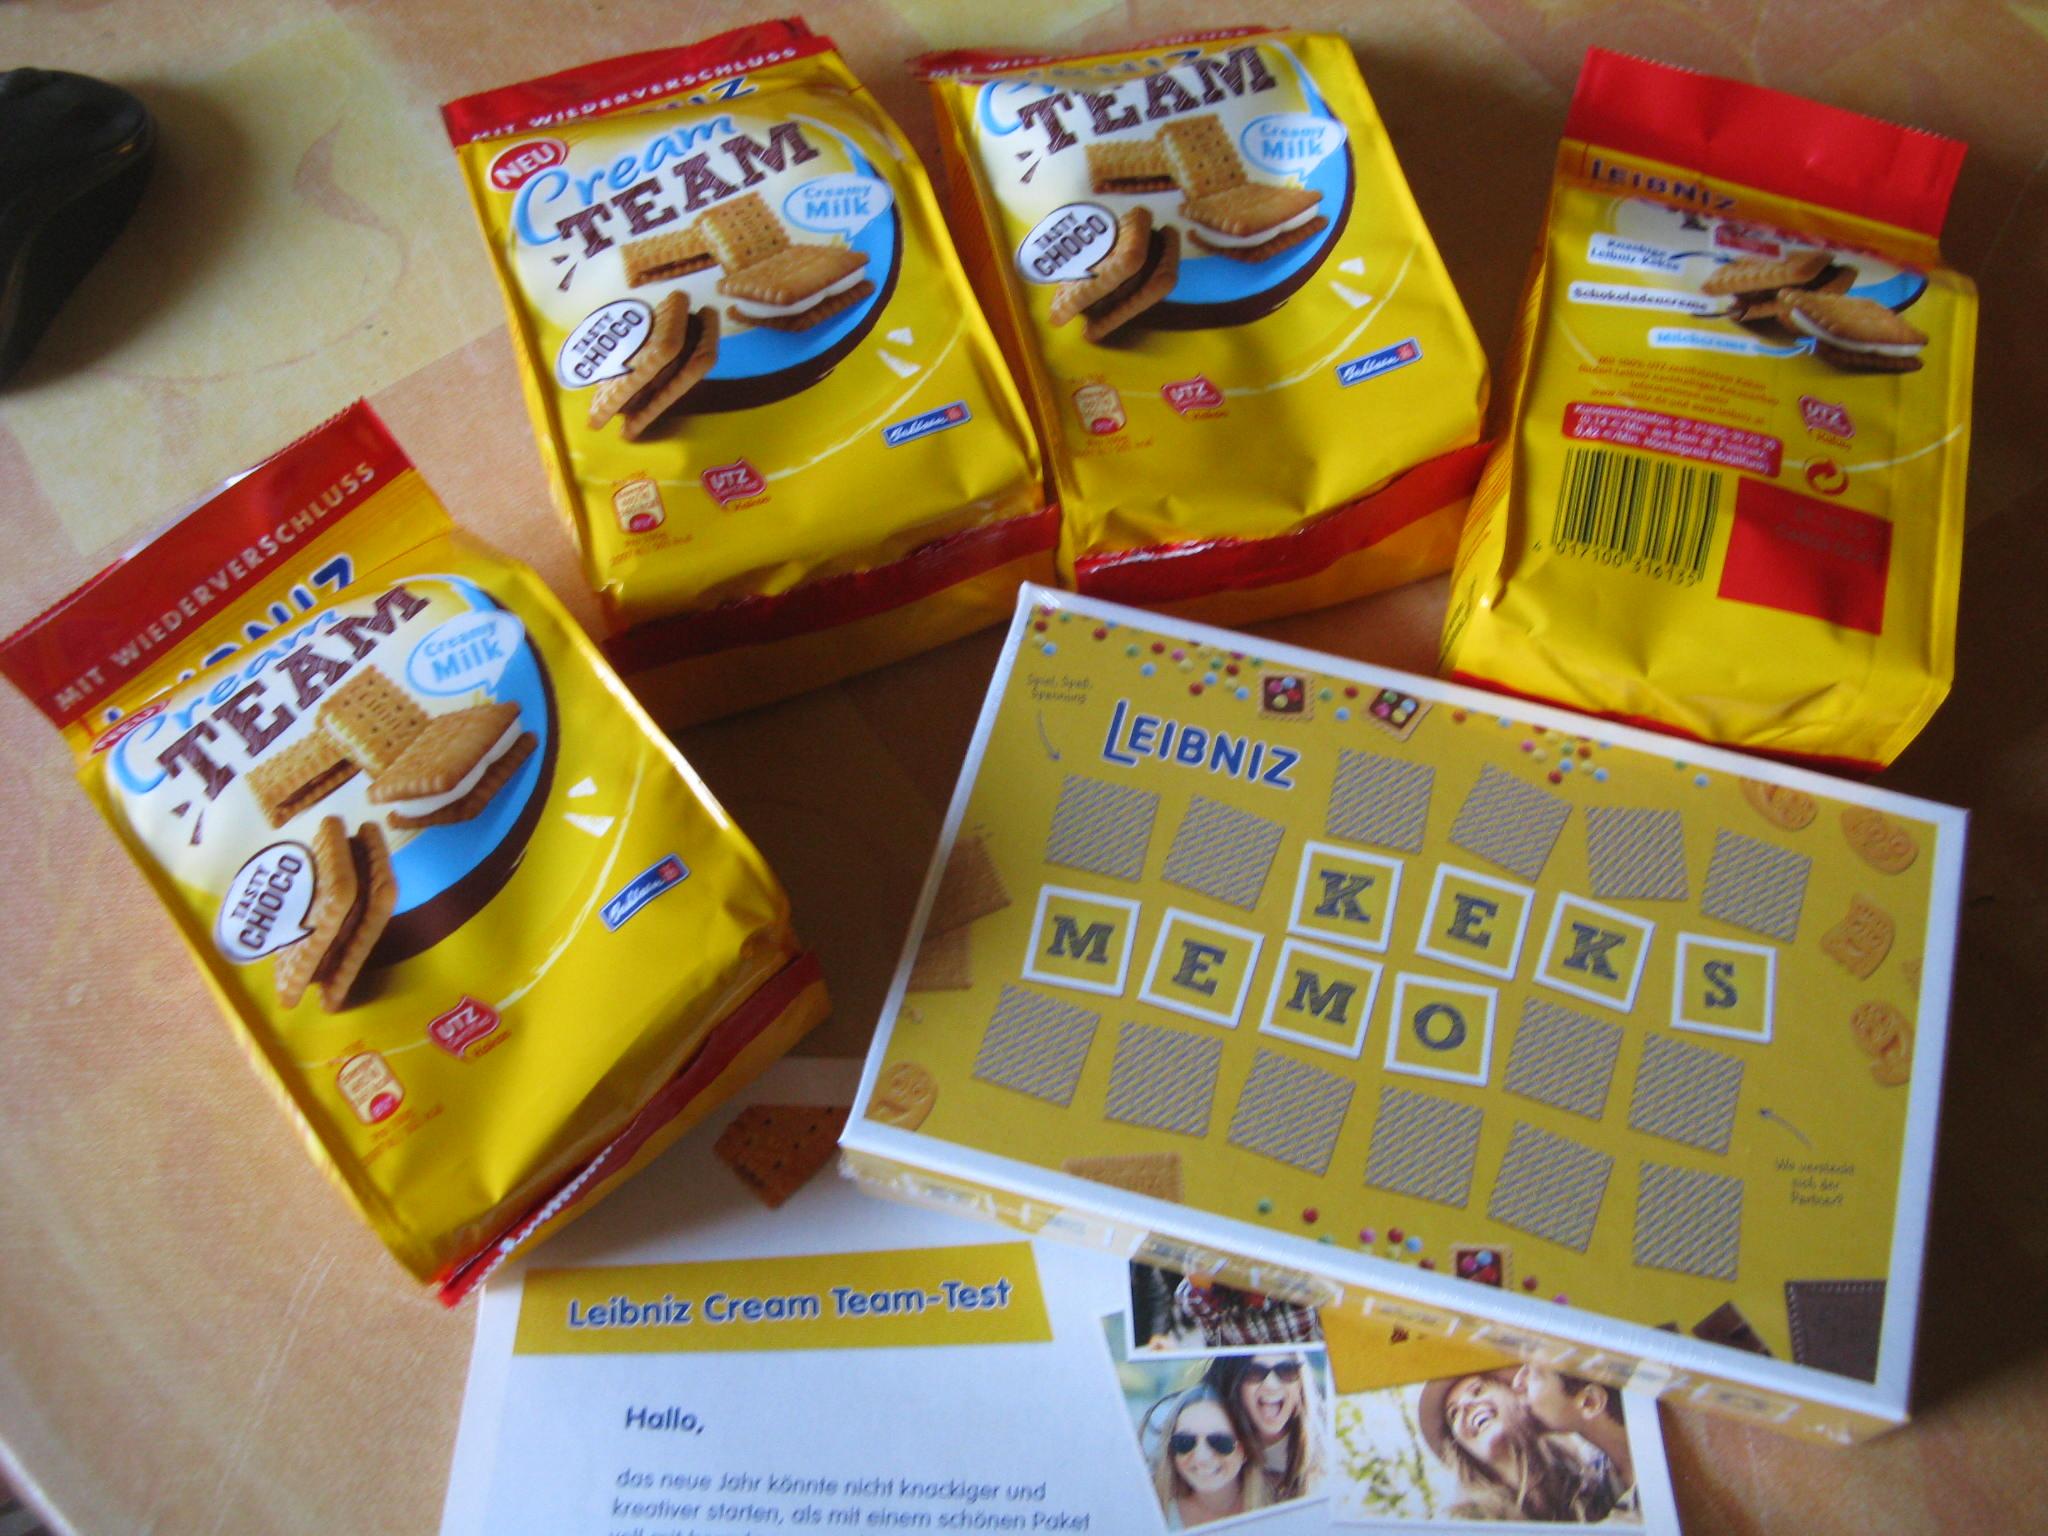 Leibniz Cream Team-Test